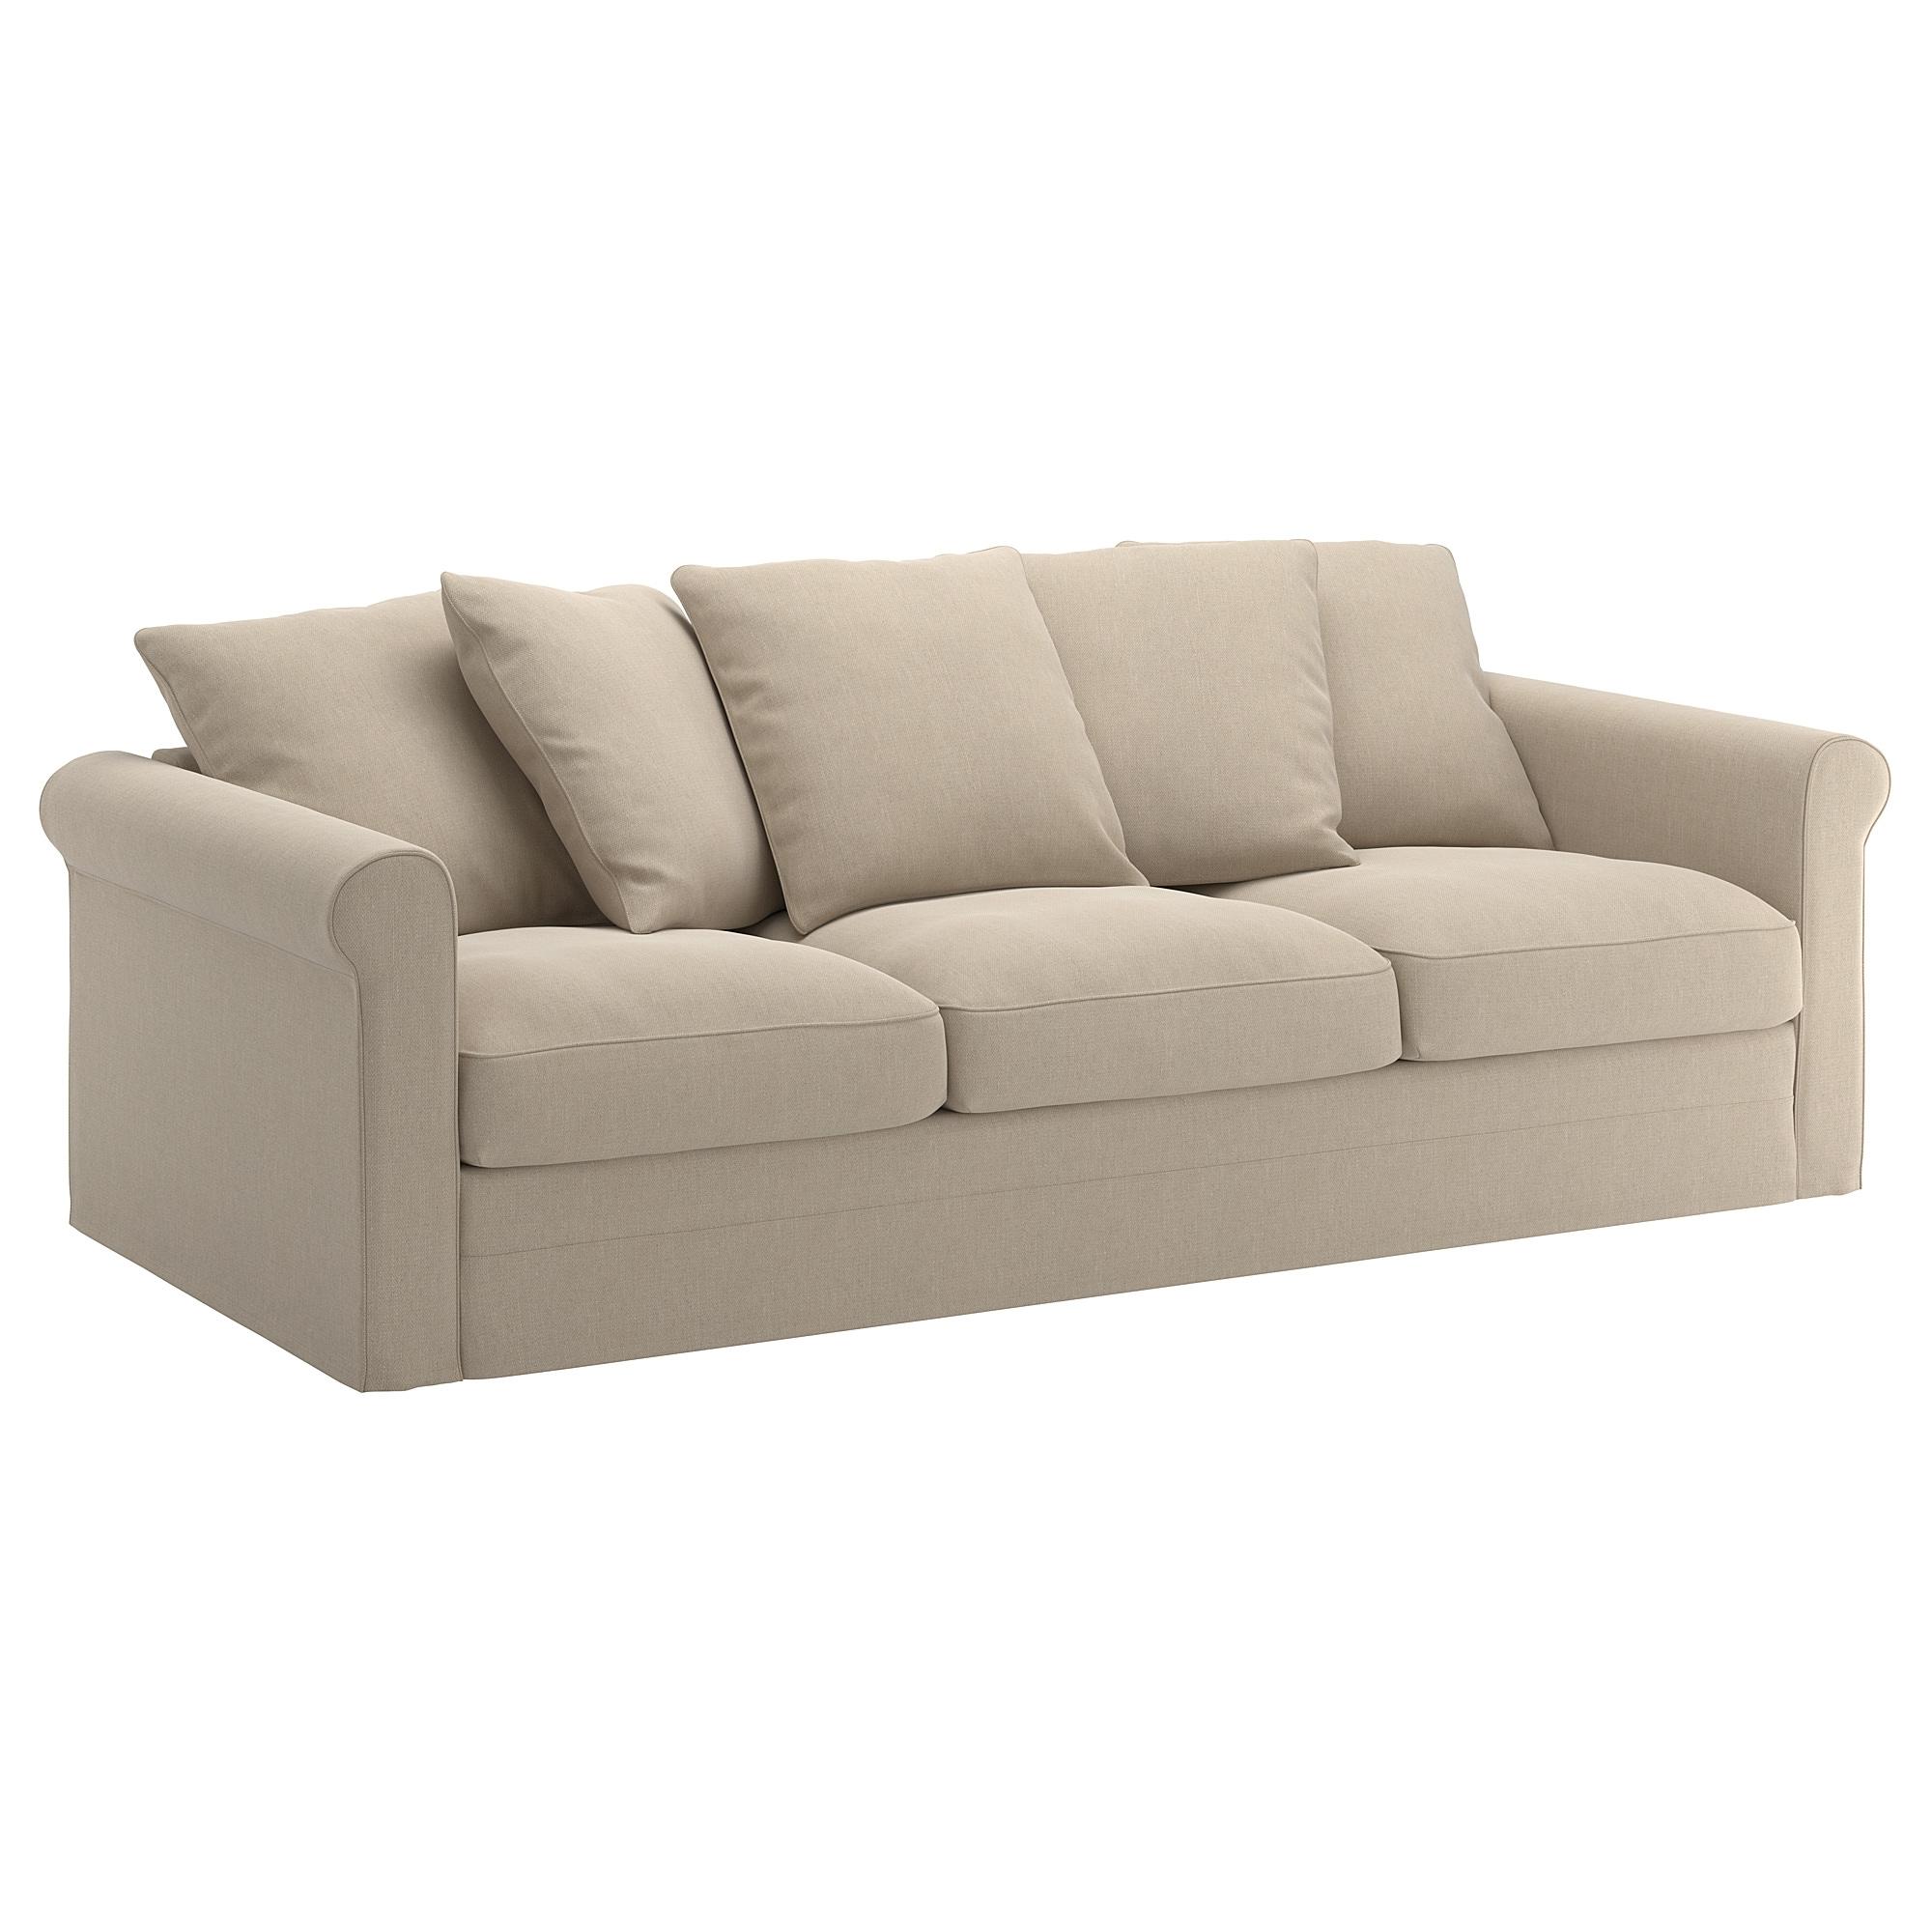 Sofa Tres Plazas Thdr Grà Nlid sofà 3 Plazas Sporda Natural Ikea